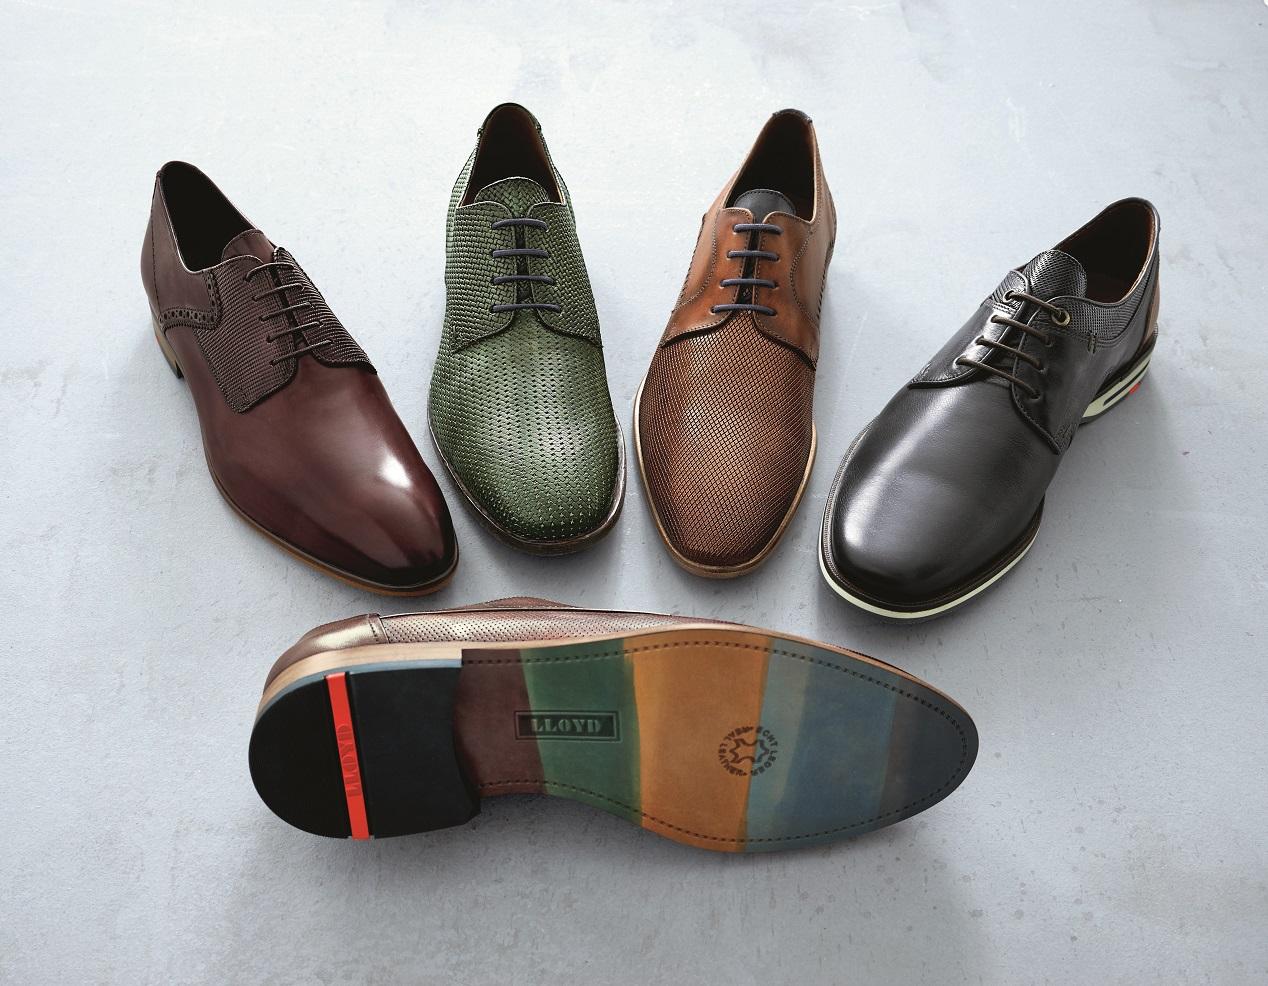 Обувь от LLOYD